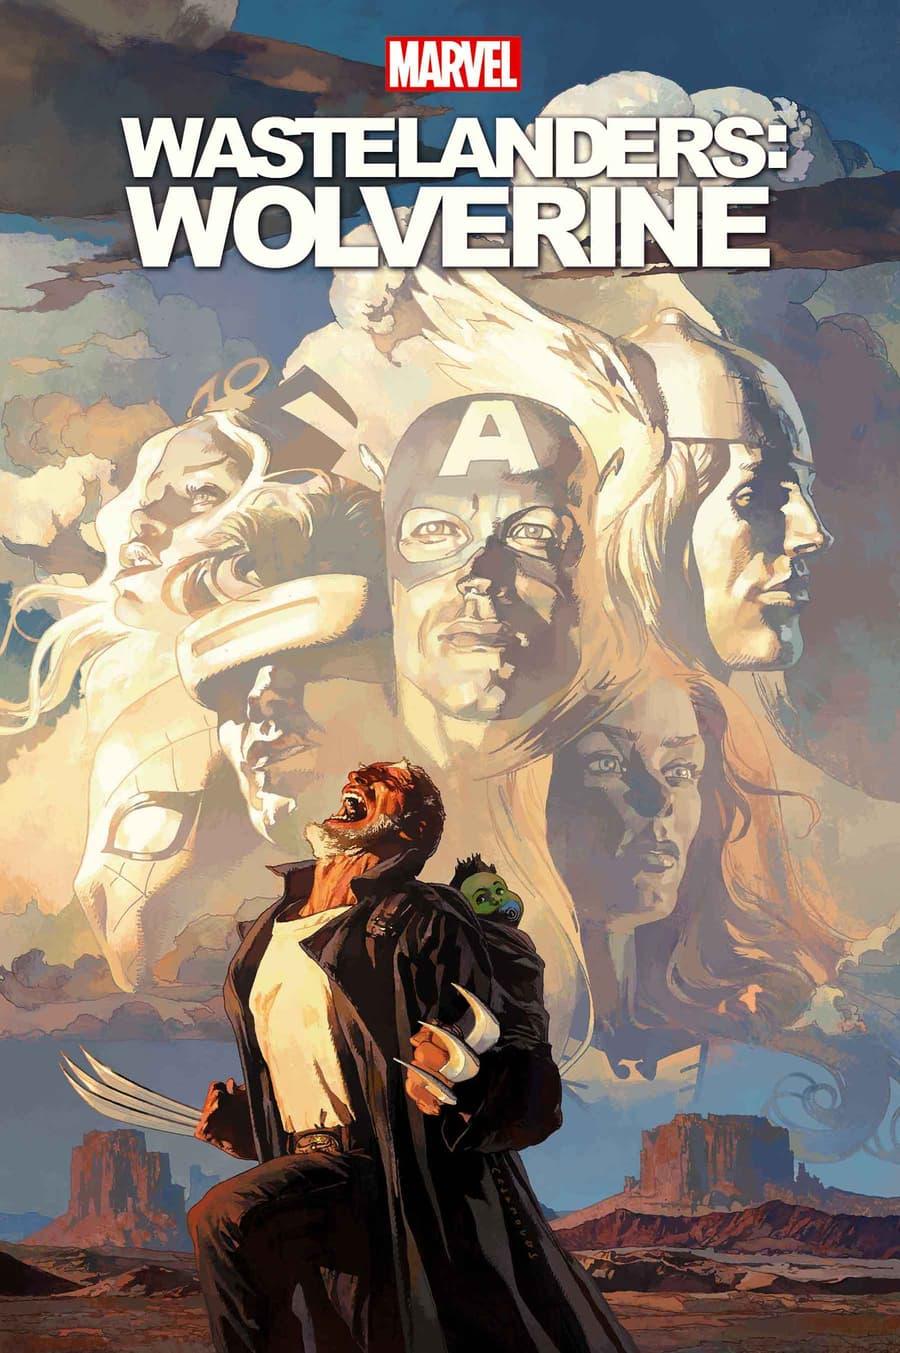 WASTELANDERS: WOLVERINE #1 cover by Josemaria Casanovas